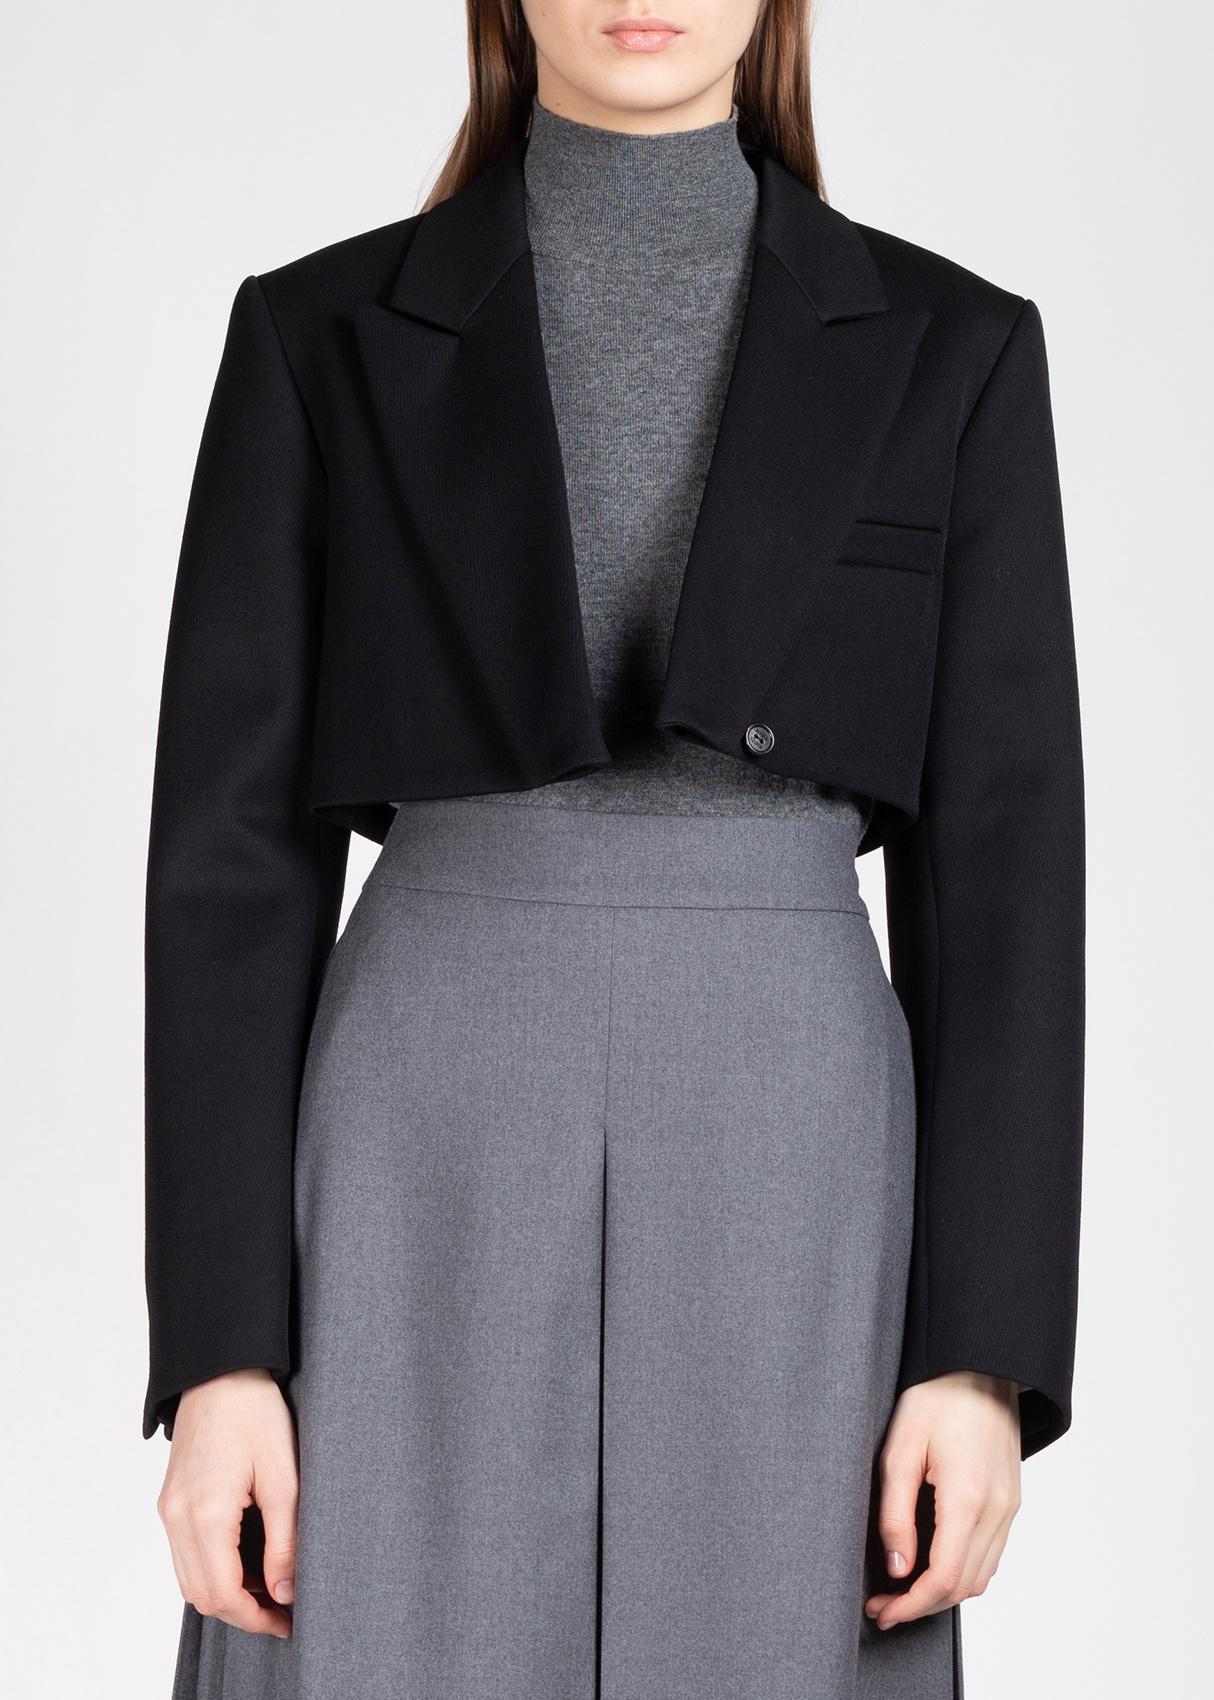 Укороченный жакет Nina Ricci из шерсти черного цвета